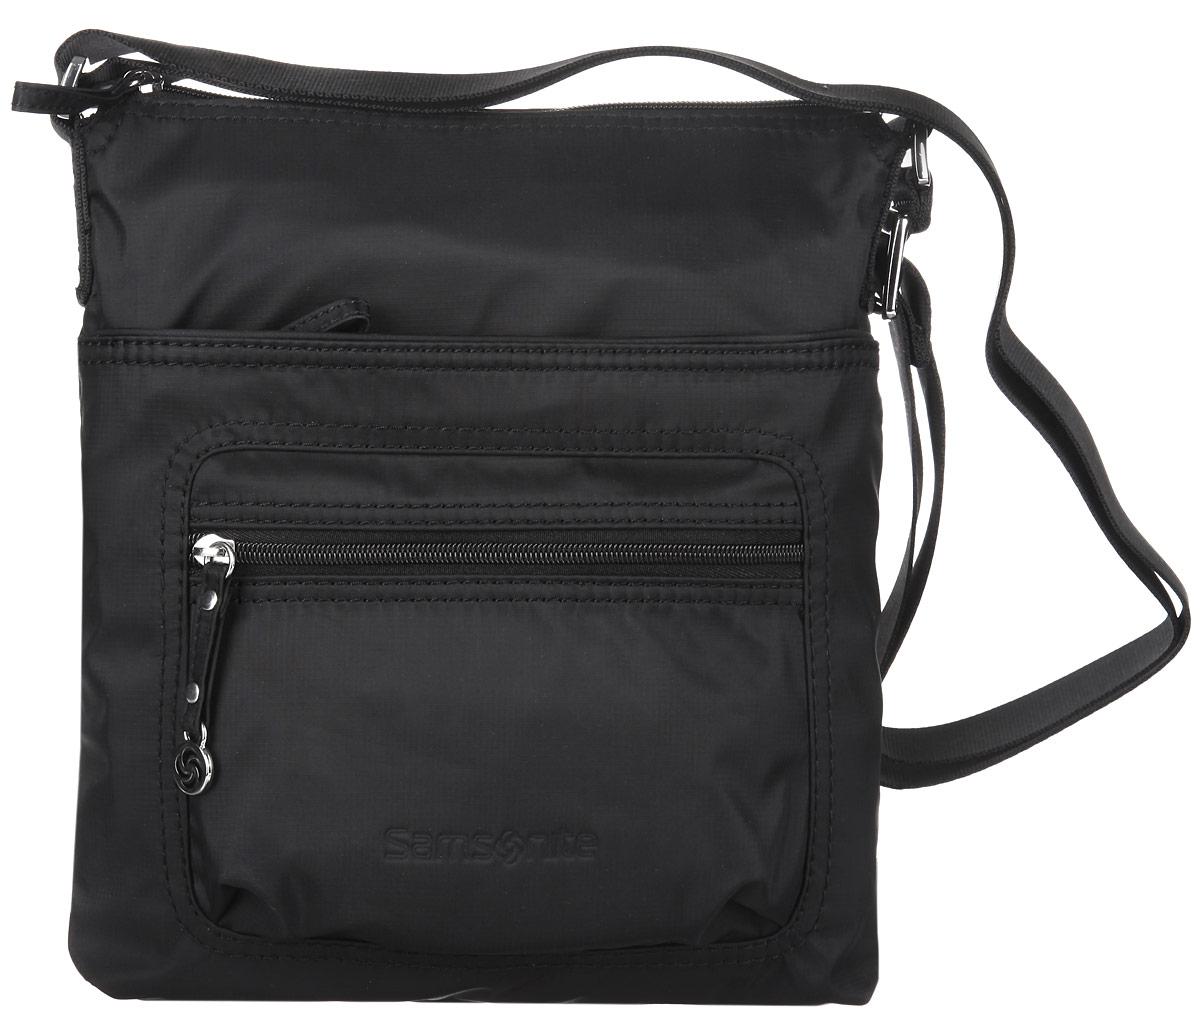 Сумка женская Samsonite, цвет: черный. 5H3-09128L39845800Стильная женская сумка Samsonite выполнена из полиамида, оформлена металлической фурнитурой и символикой бренда.Изделие содержит одно отделение, закрывающееся на застежку-молнию. Внутри сумки расположены два накладных кармашка для мелочей, врезной карман на застежке-молнии, карабин для ключей и мягкий карман для планшета. На лицевой стороне изделия расположен вместительный накладной карман на молнии и дополнительный кармашек на молнии. Изделие оснащено практичным плечевым ремнем регулируемой длины.Практичный аксессуар позволит вам завершить образ и быть неотразимой.